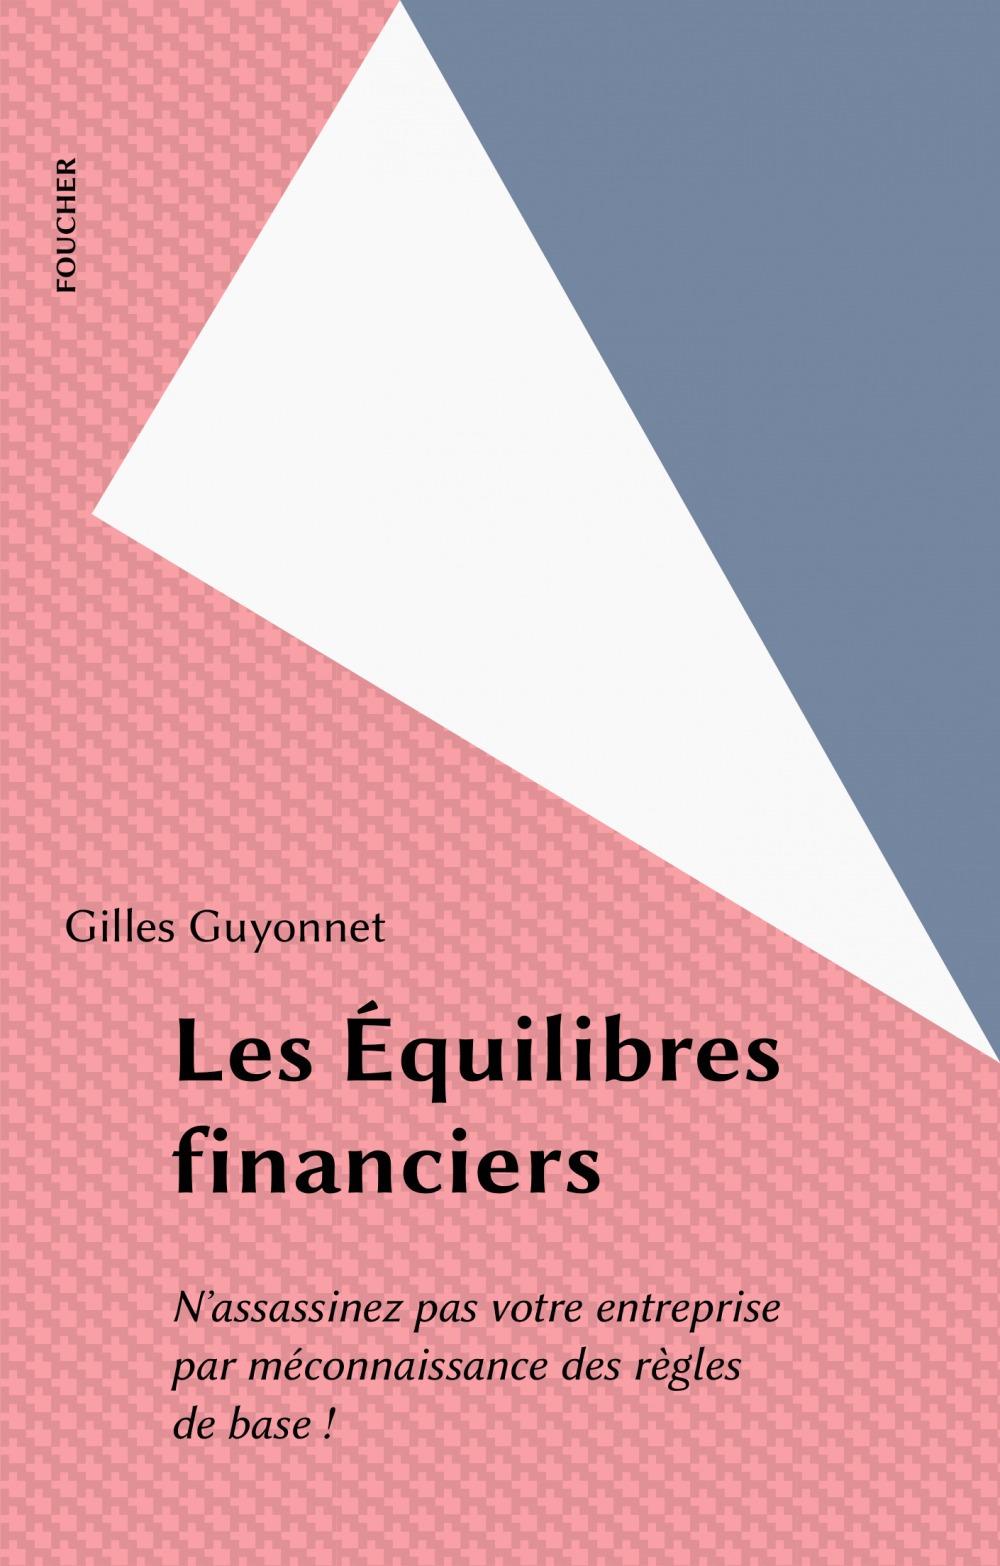 Les equilibres financiers ; n'assassinez pas votre entreprise par meconnaissance des reglements de base